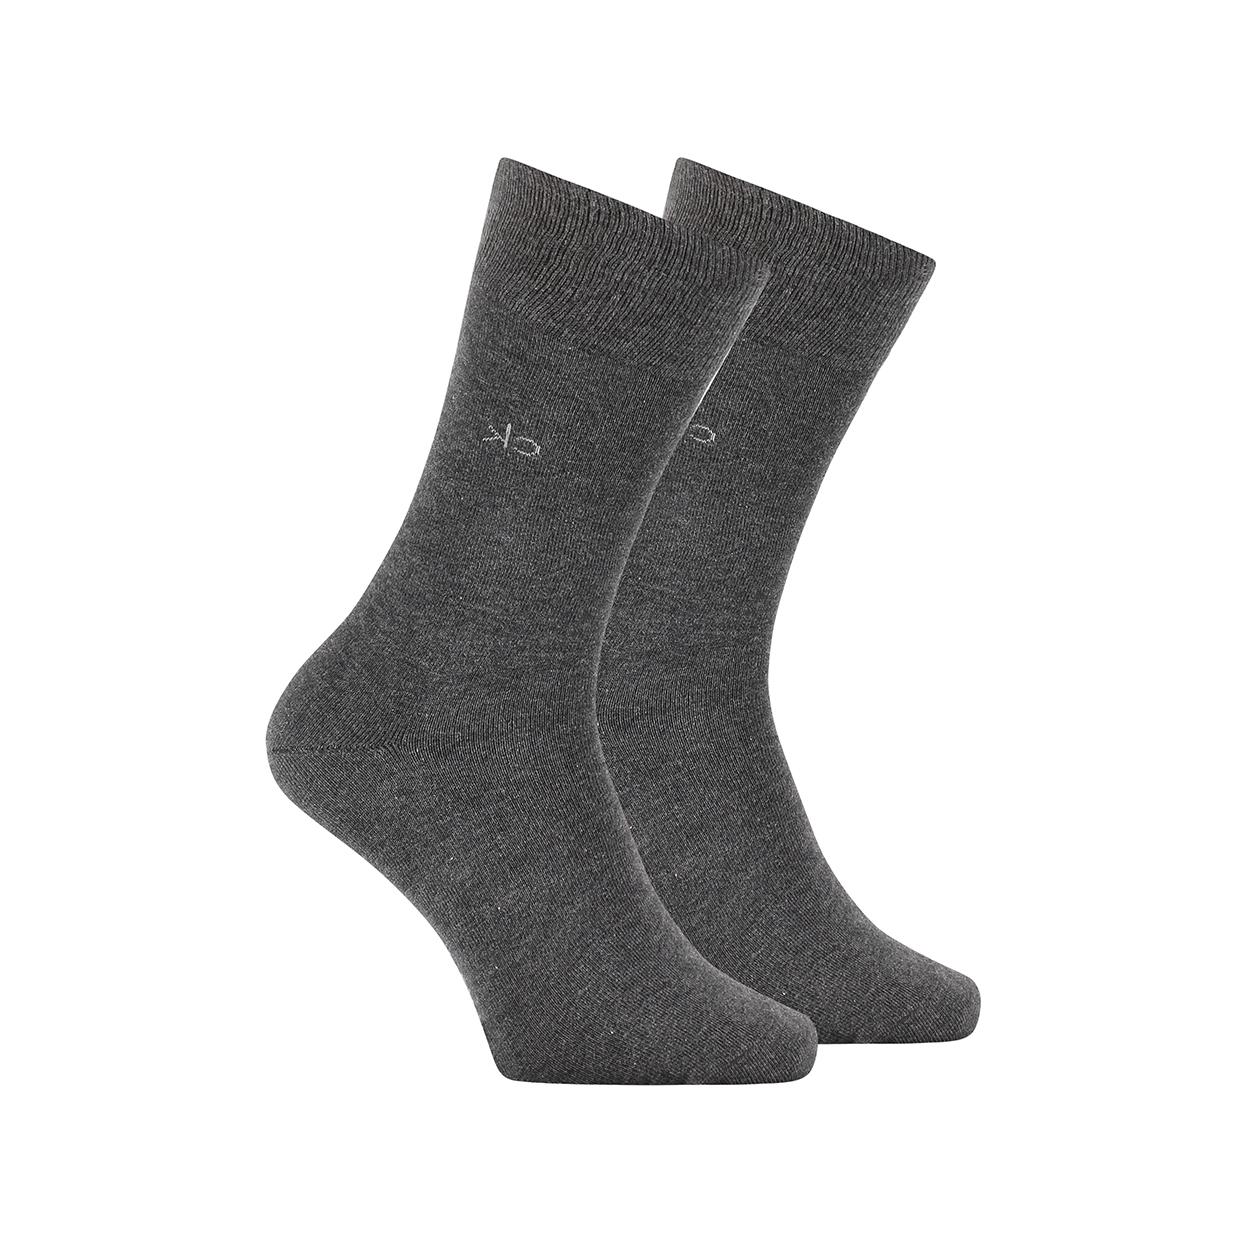 Lot de 2 paires de chaussettes hautes calvin klein en coton mélangé stretch gris anthracite